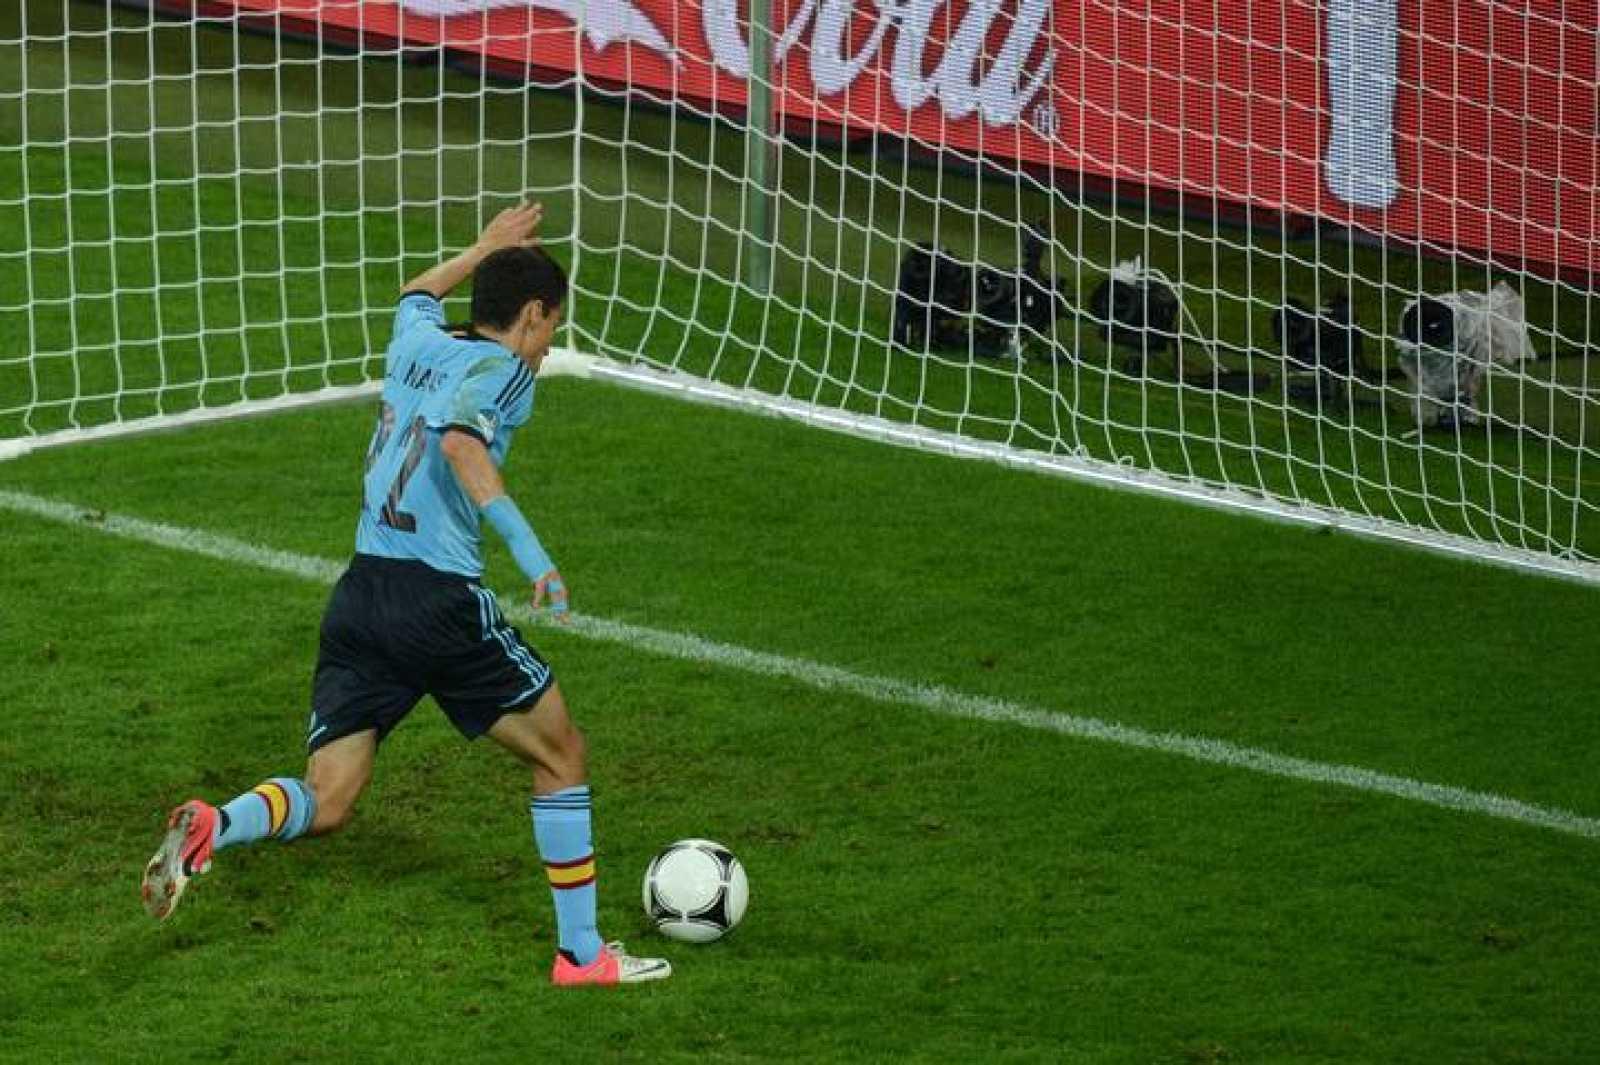 Eurocopa 2012 | España 1-0 Croacia | 'La Roja' pasa a cuartos de la  Eurocopa como líder sin brillo ante el muro croata (1-0) - RTVE.es